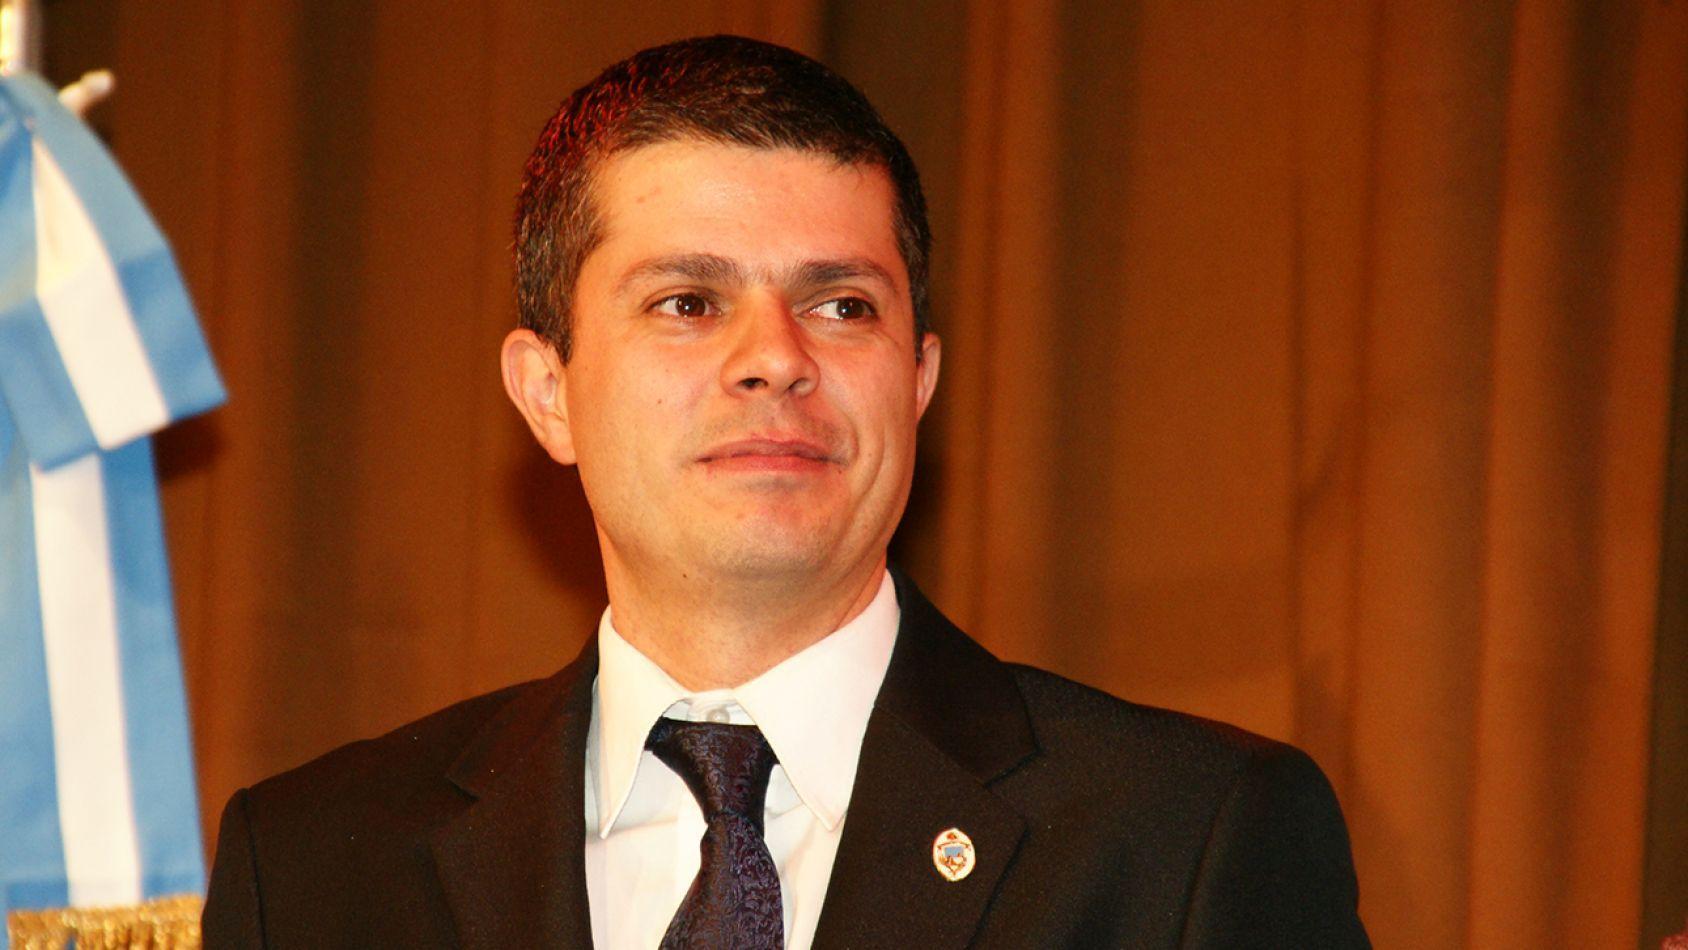 el subsecretario de Modernización e Innovación a cargo del área de Relaciones Internacionales Municipio de Río Grande, Licenciado Andrés Dachary